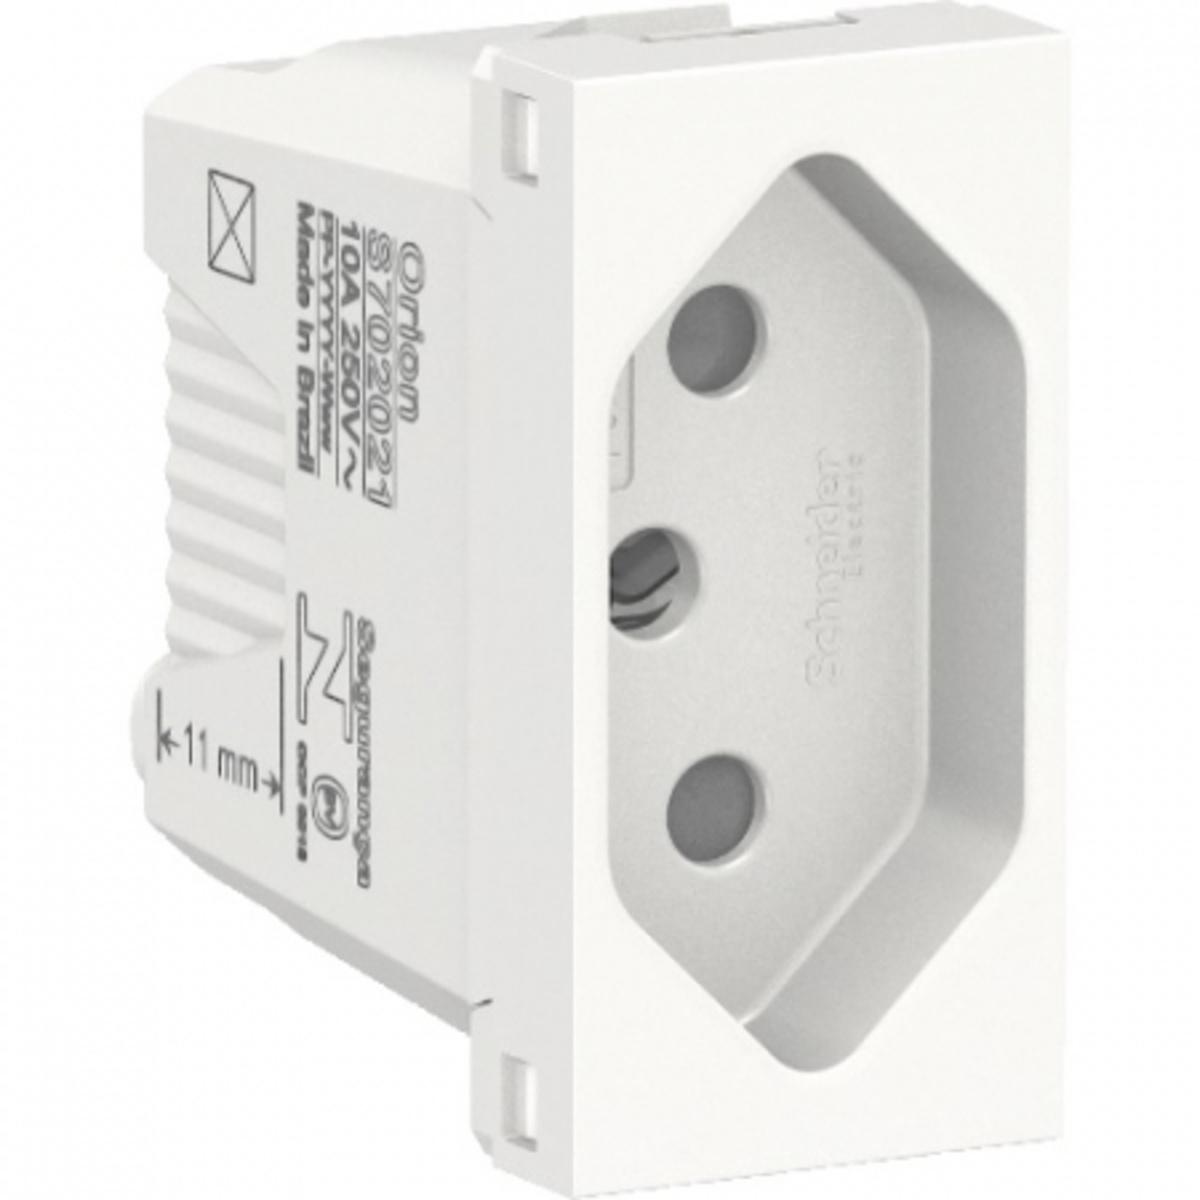 Eletriza - Eletriza Materiais Elétricos, Hidráulicos e Automação Industrial - ORION MODULO TOMADA 2P+T 4X2 20A 250V PL/BR SCHNEIDER